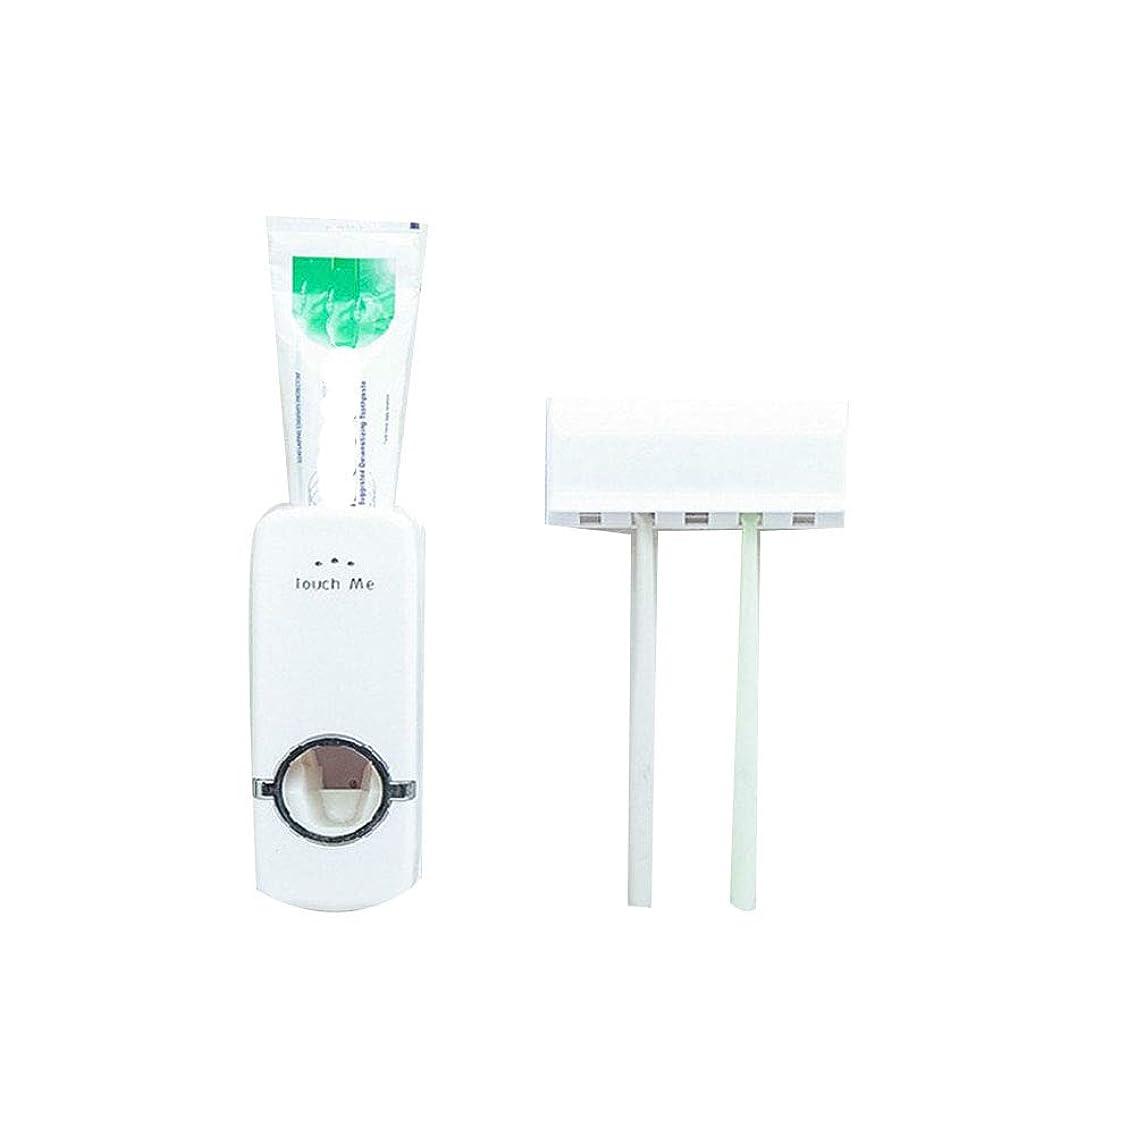 便利食品ひもHanCherp自動歯磨き粉ディスペンサーセット壁掛け歯ブラシホルダー歯磨き粉ホルダー吸引壁ラック歯磨き粉スクイーザ